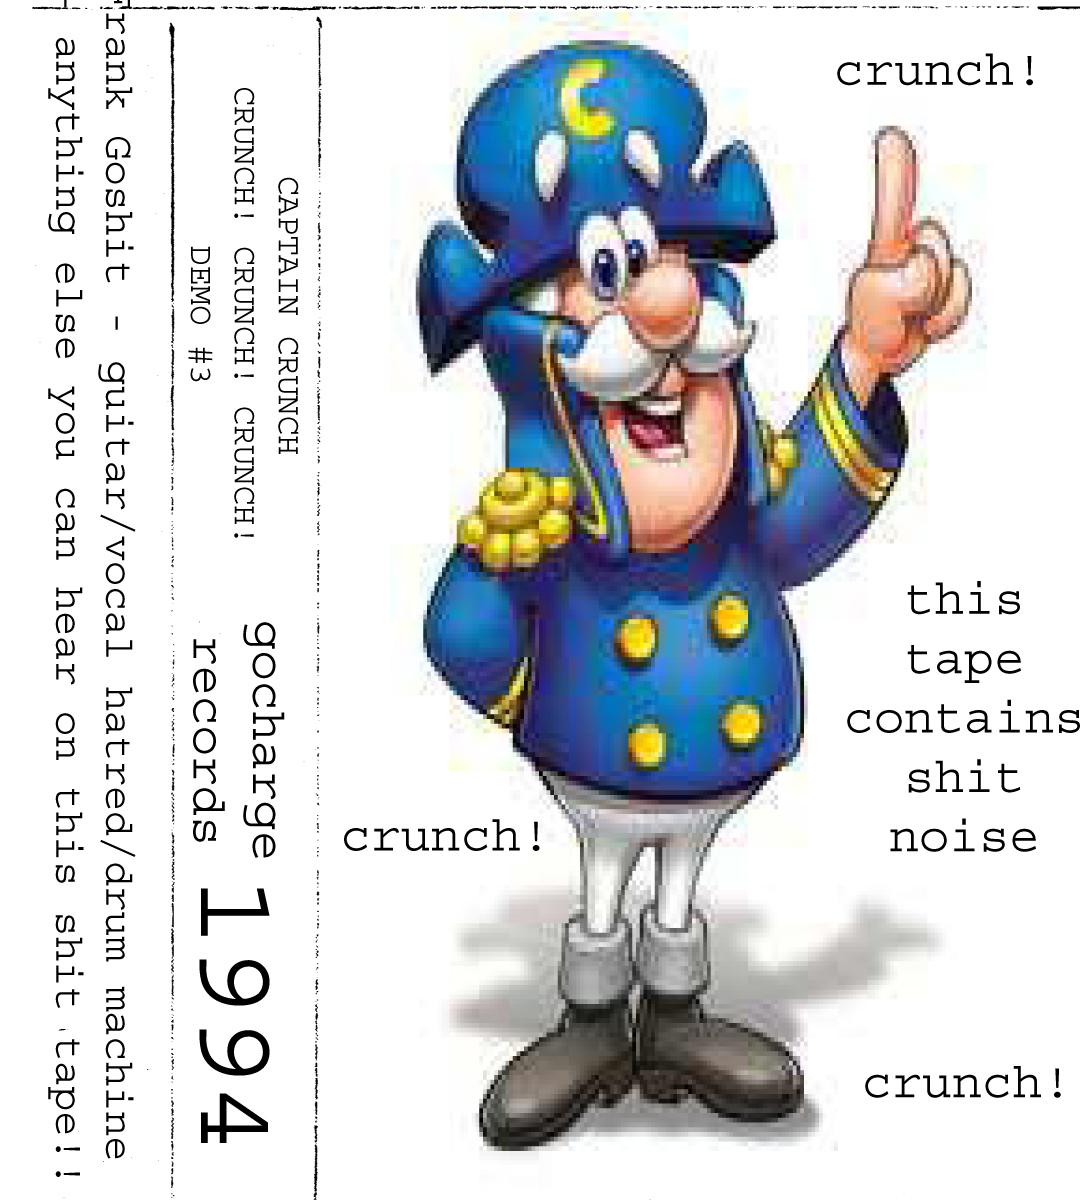 http://2.bp.blogspot.com/-Kn7KPn6zbzg/TociI0_CvuI/AAAAAAAAADU/wmxrwzv_sxQ/s1600/captain%2Bcrunch%2B-%2Bcrunch%2Bcrunch%2Bcrunch%2Bdemo%2B2.jpg